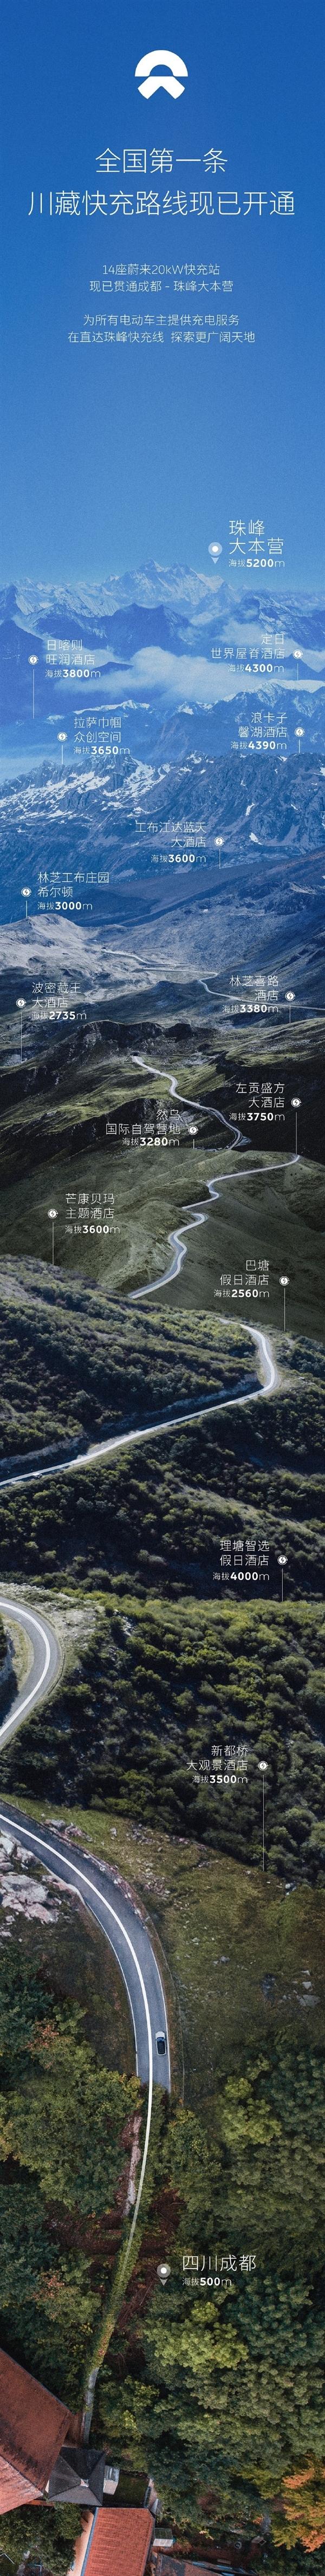 蔚来成功打通全国第一条川藏快充路线:直达海拔5200米珠峰大本营